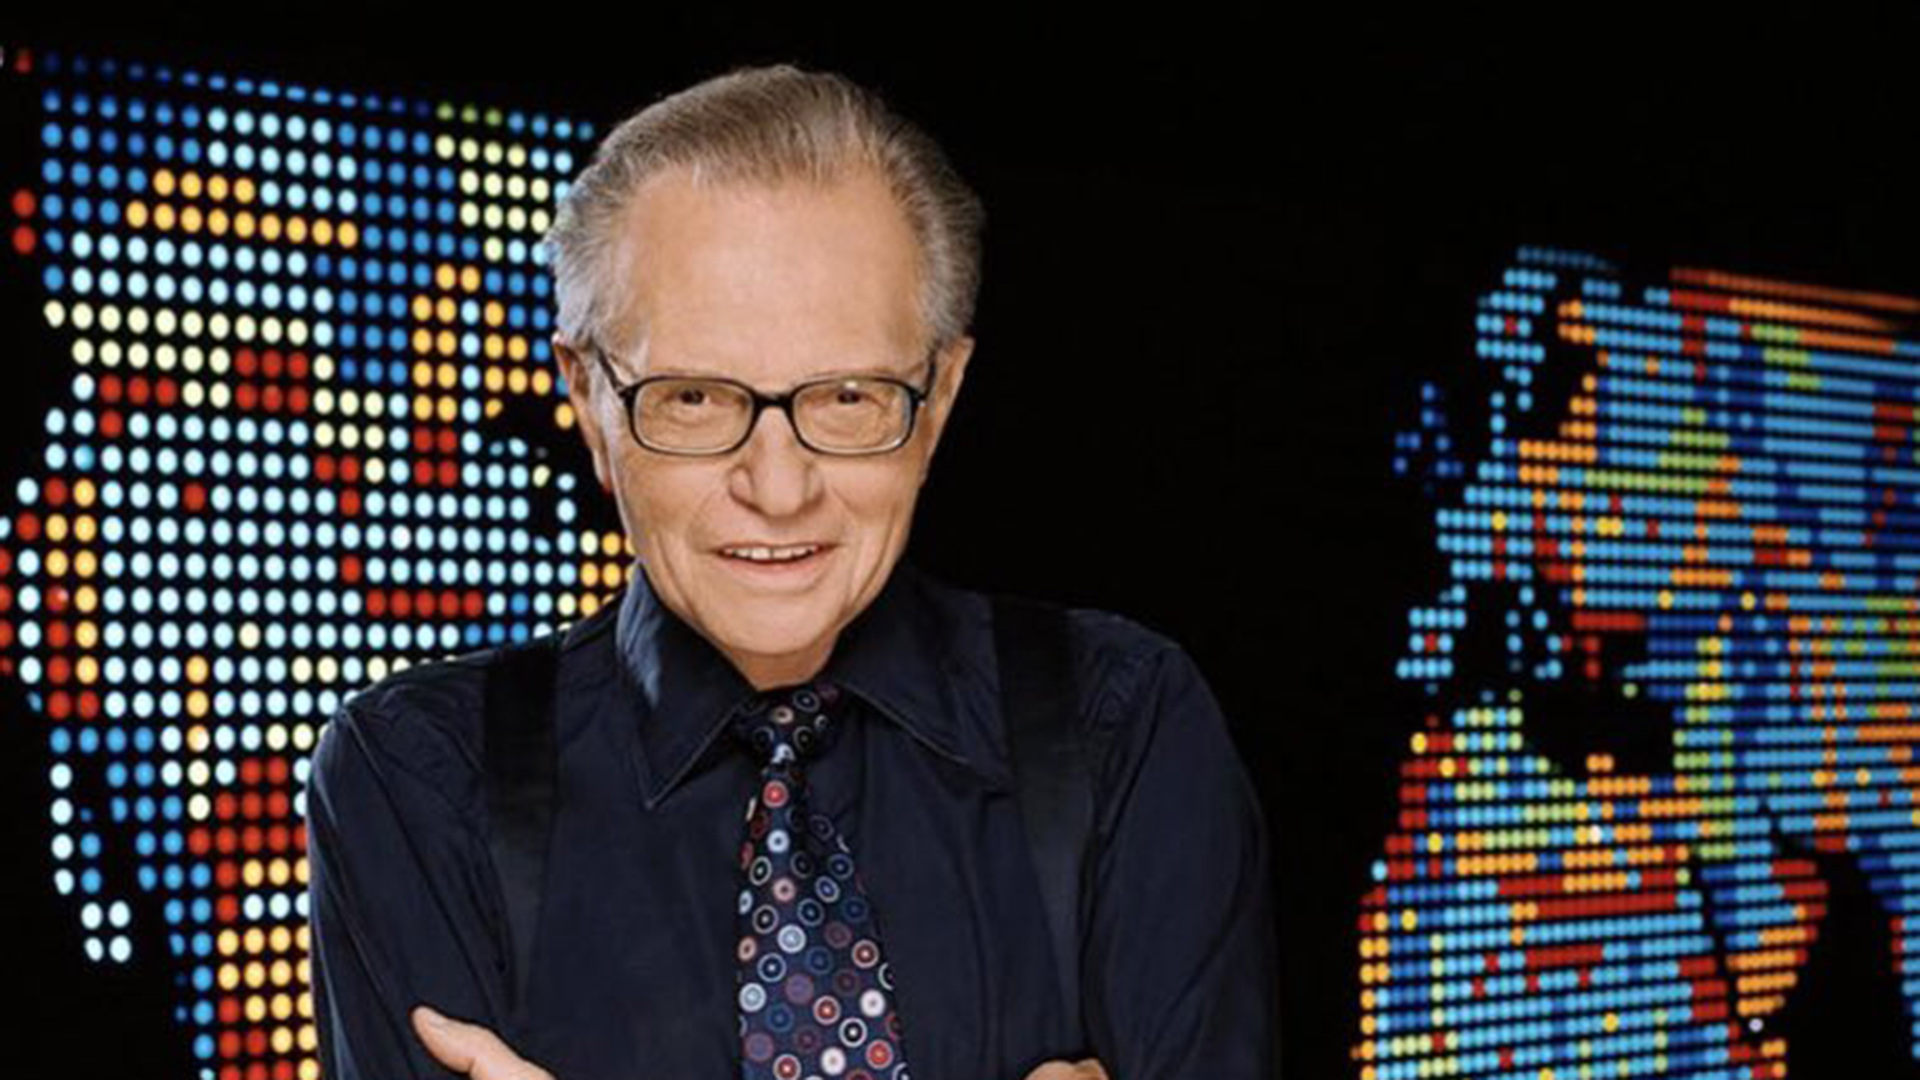 Murió Larry King, el legendario presentador de radio y televisión de EEUU